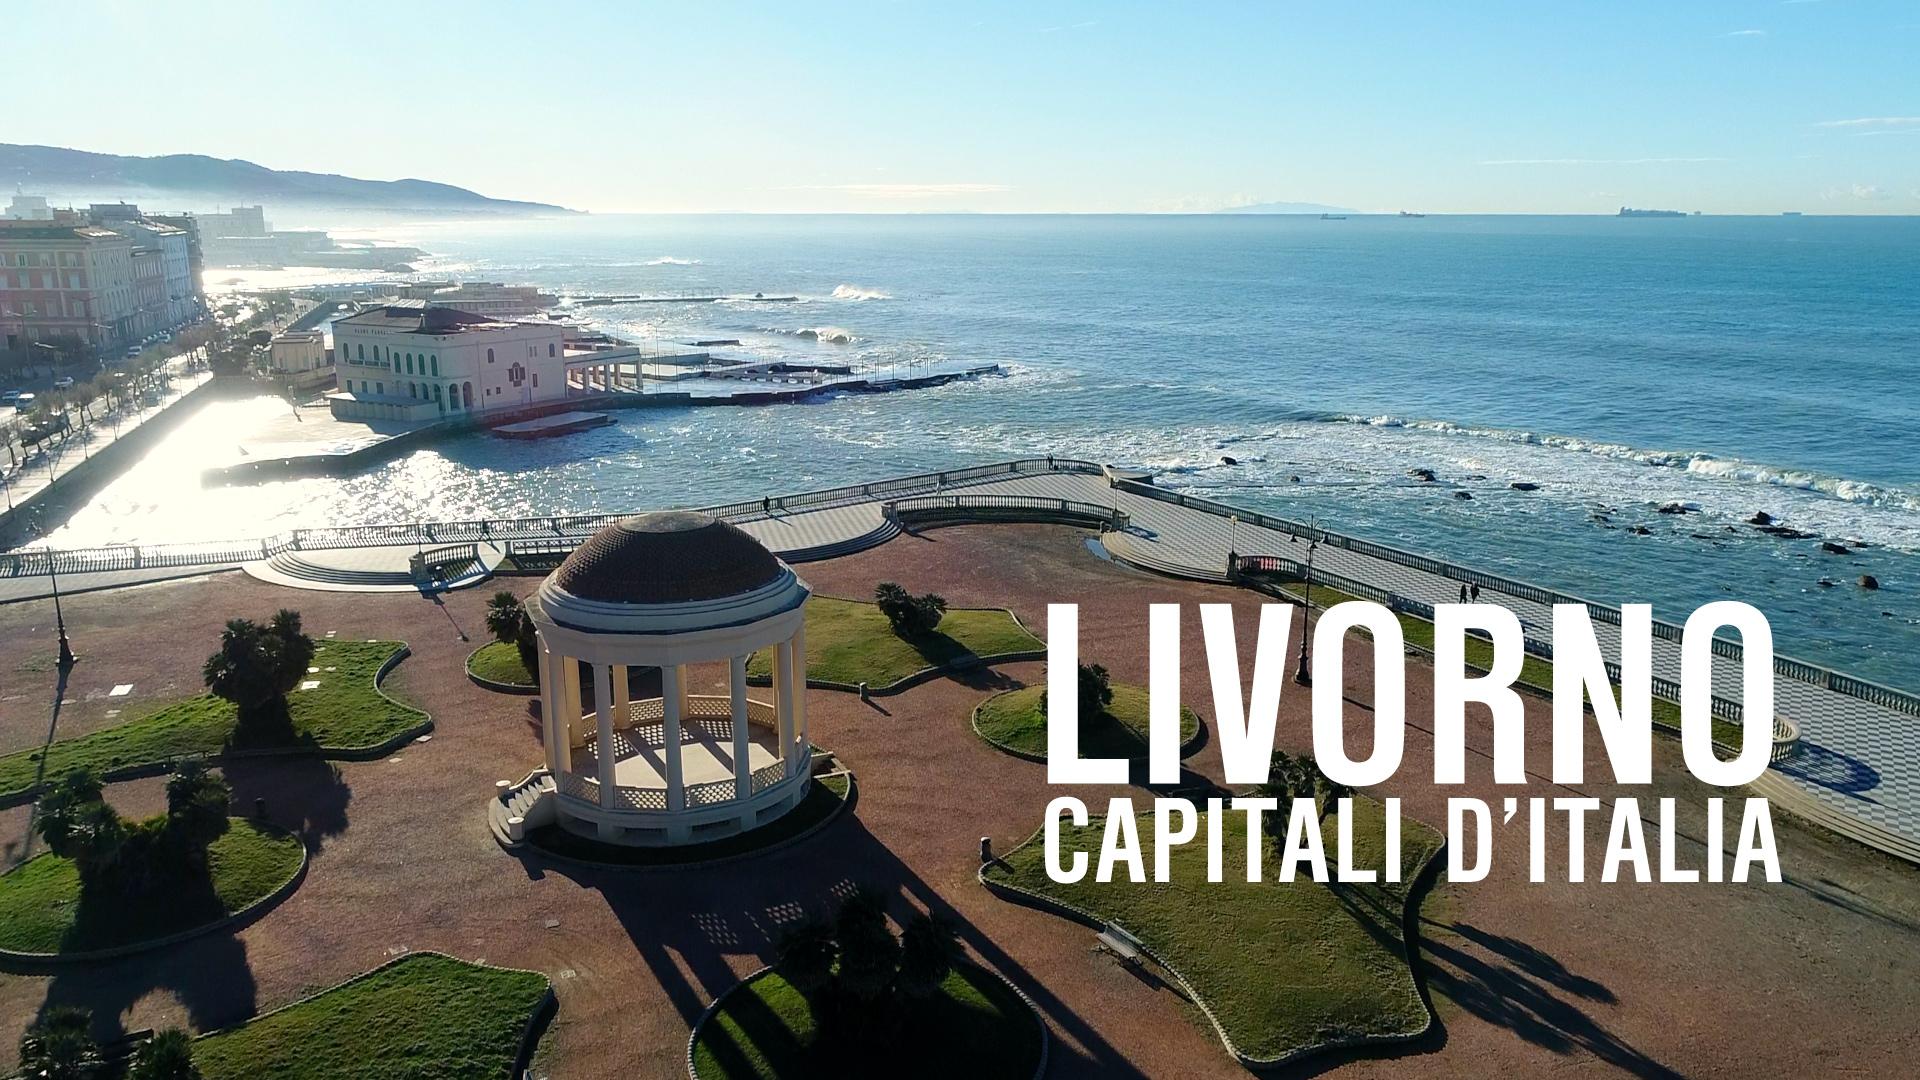 Capitali d'Italia - Livorno